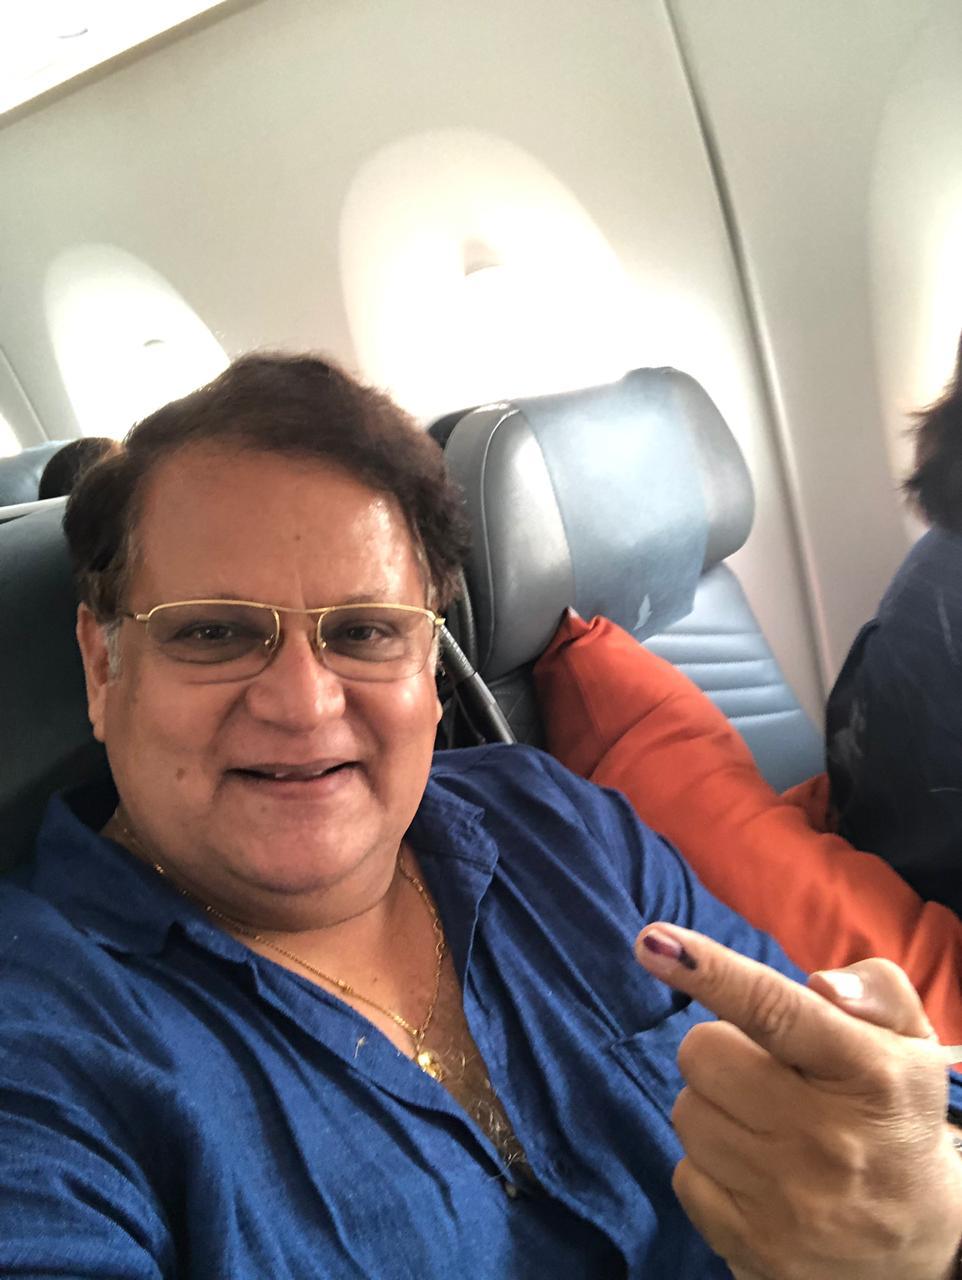 मराठी सिनेसृष्टीतले प्रसिद्ध अभिनेते महेश कोठारे यांनीदेखील मतदानाचा हक्क बजावला.